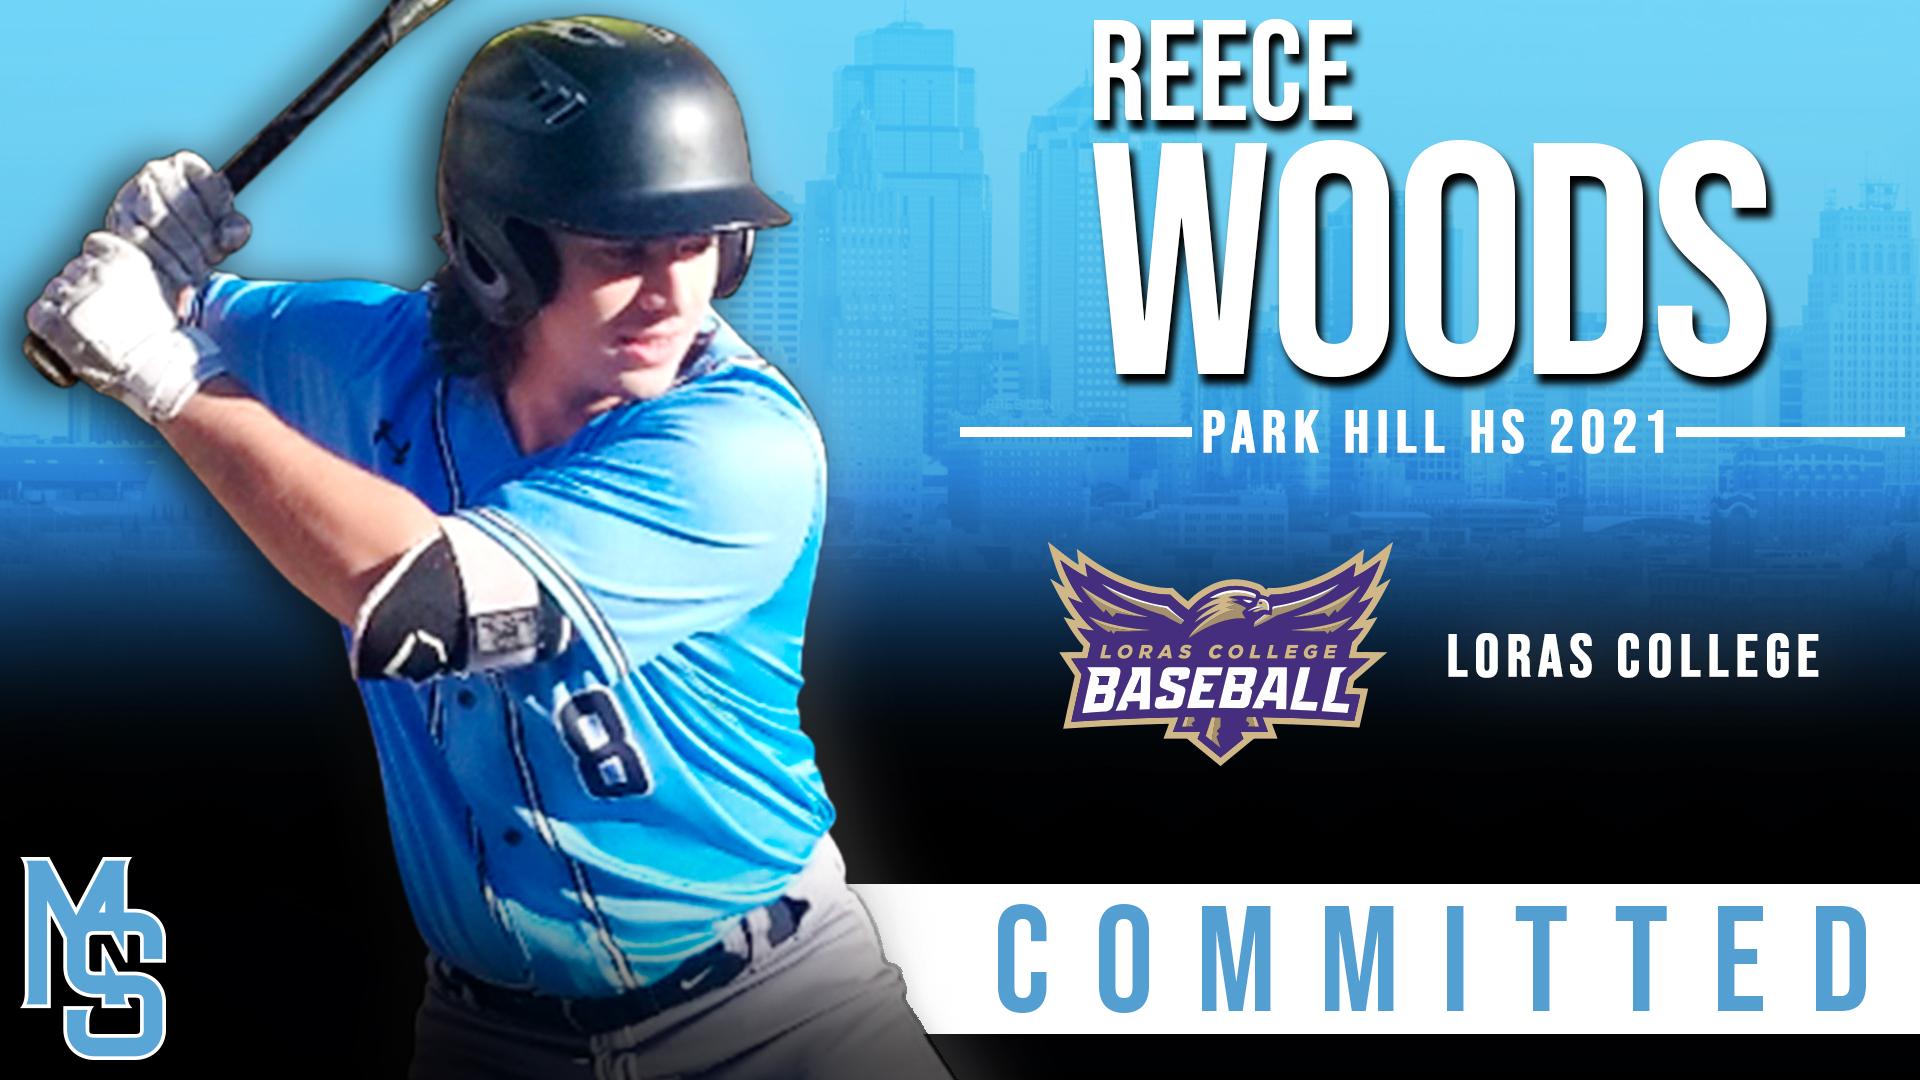 Reece Woods - 1920 x 1080